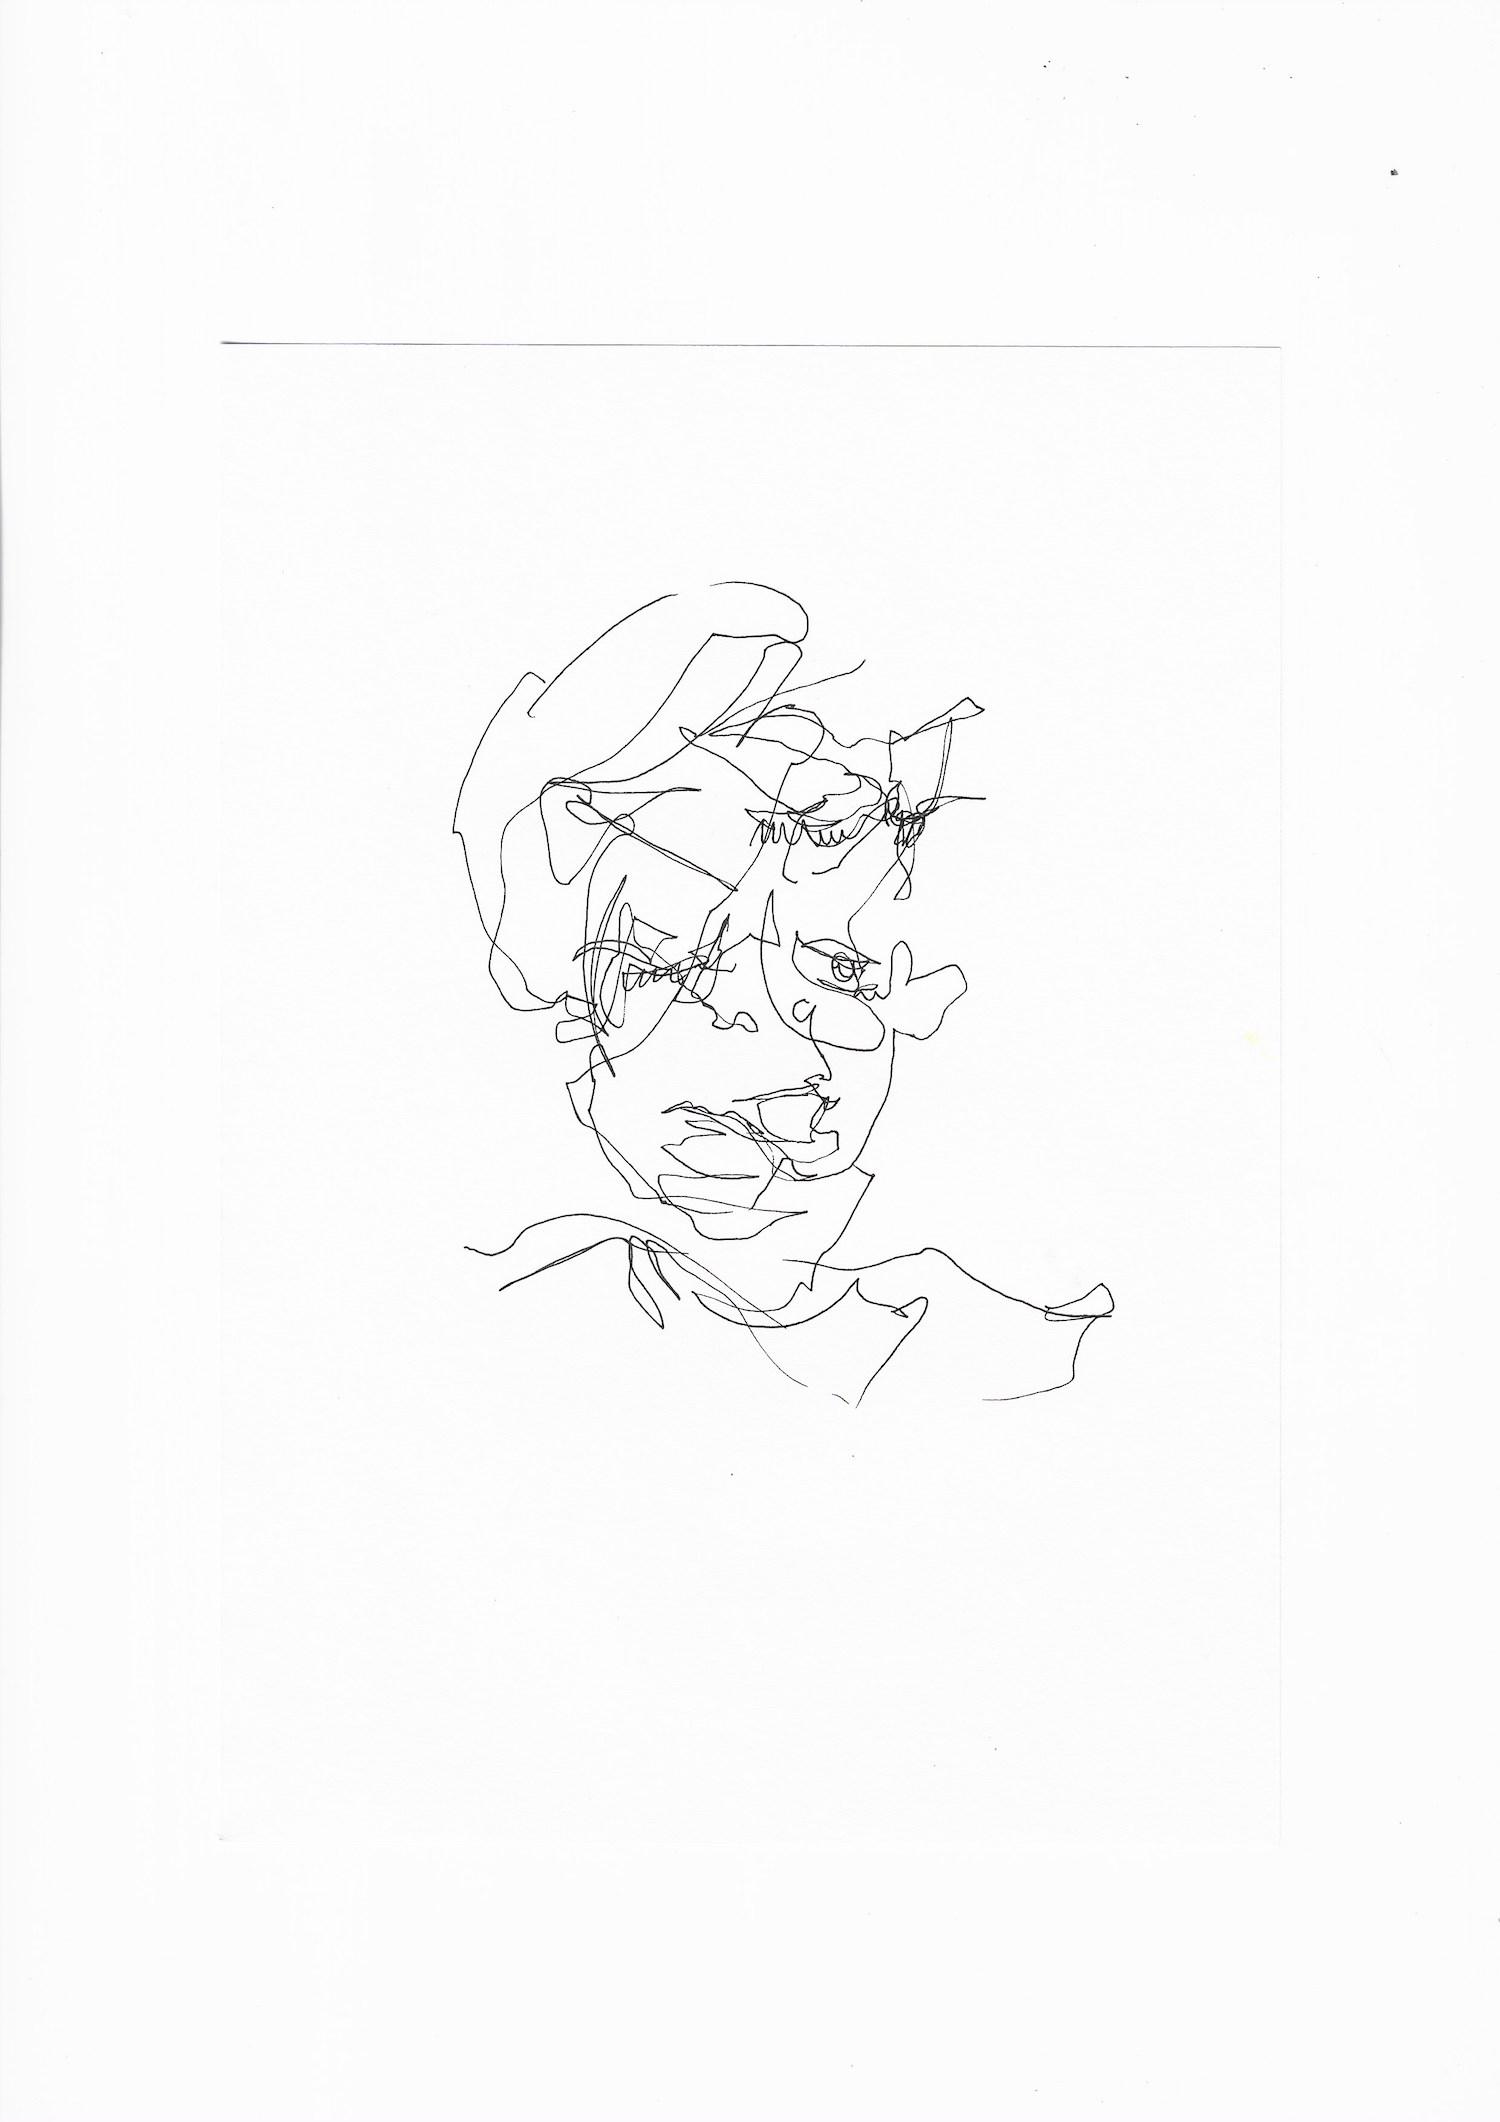 A drawing by Abigail Goh, made at Telok Ayer Arts Club.